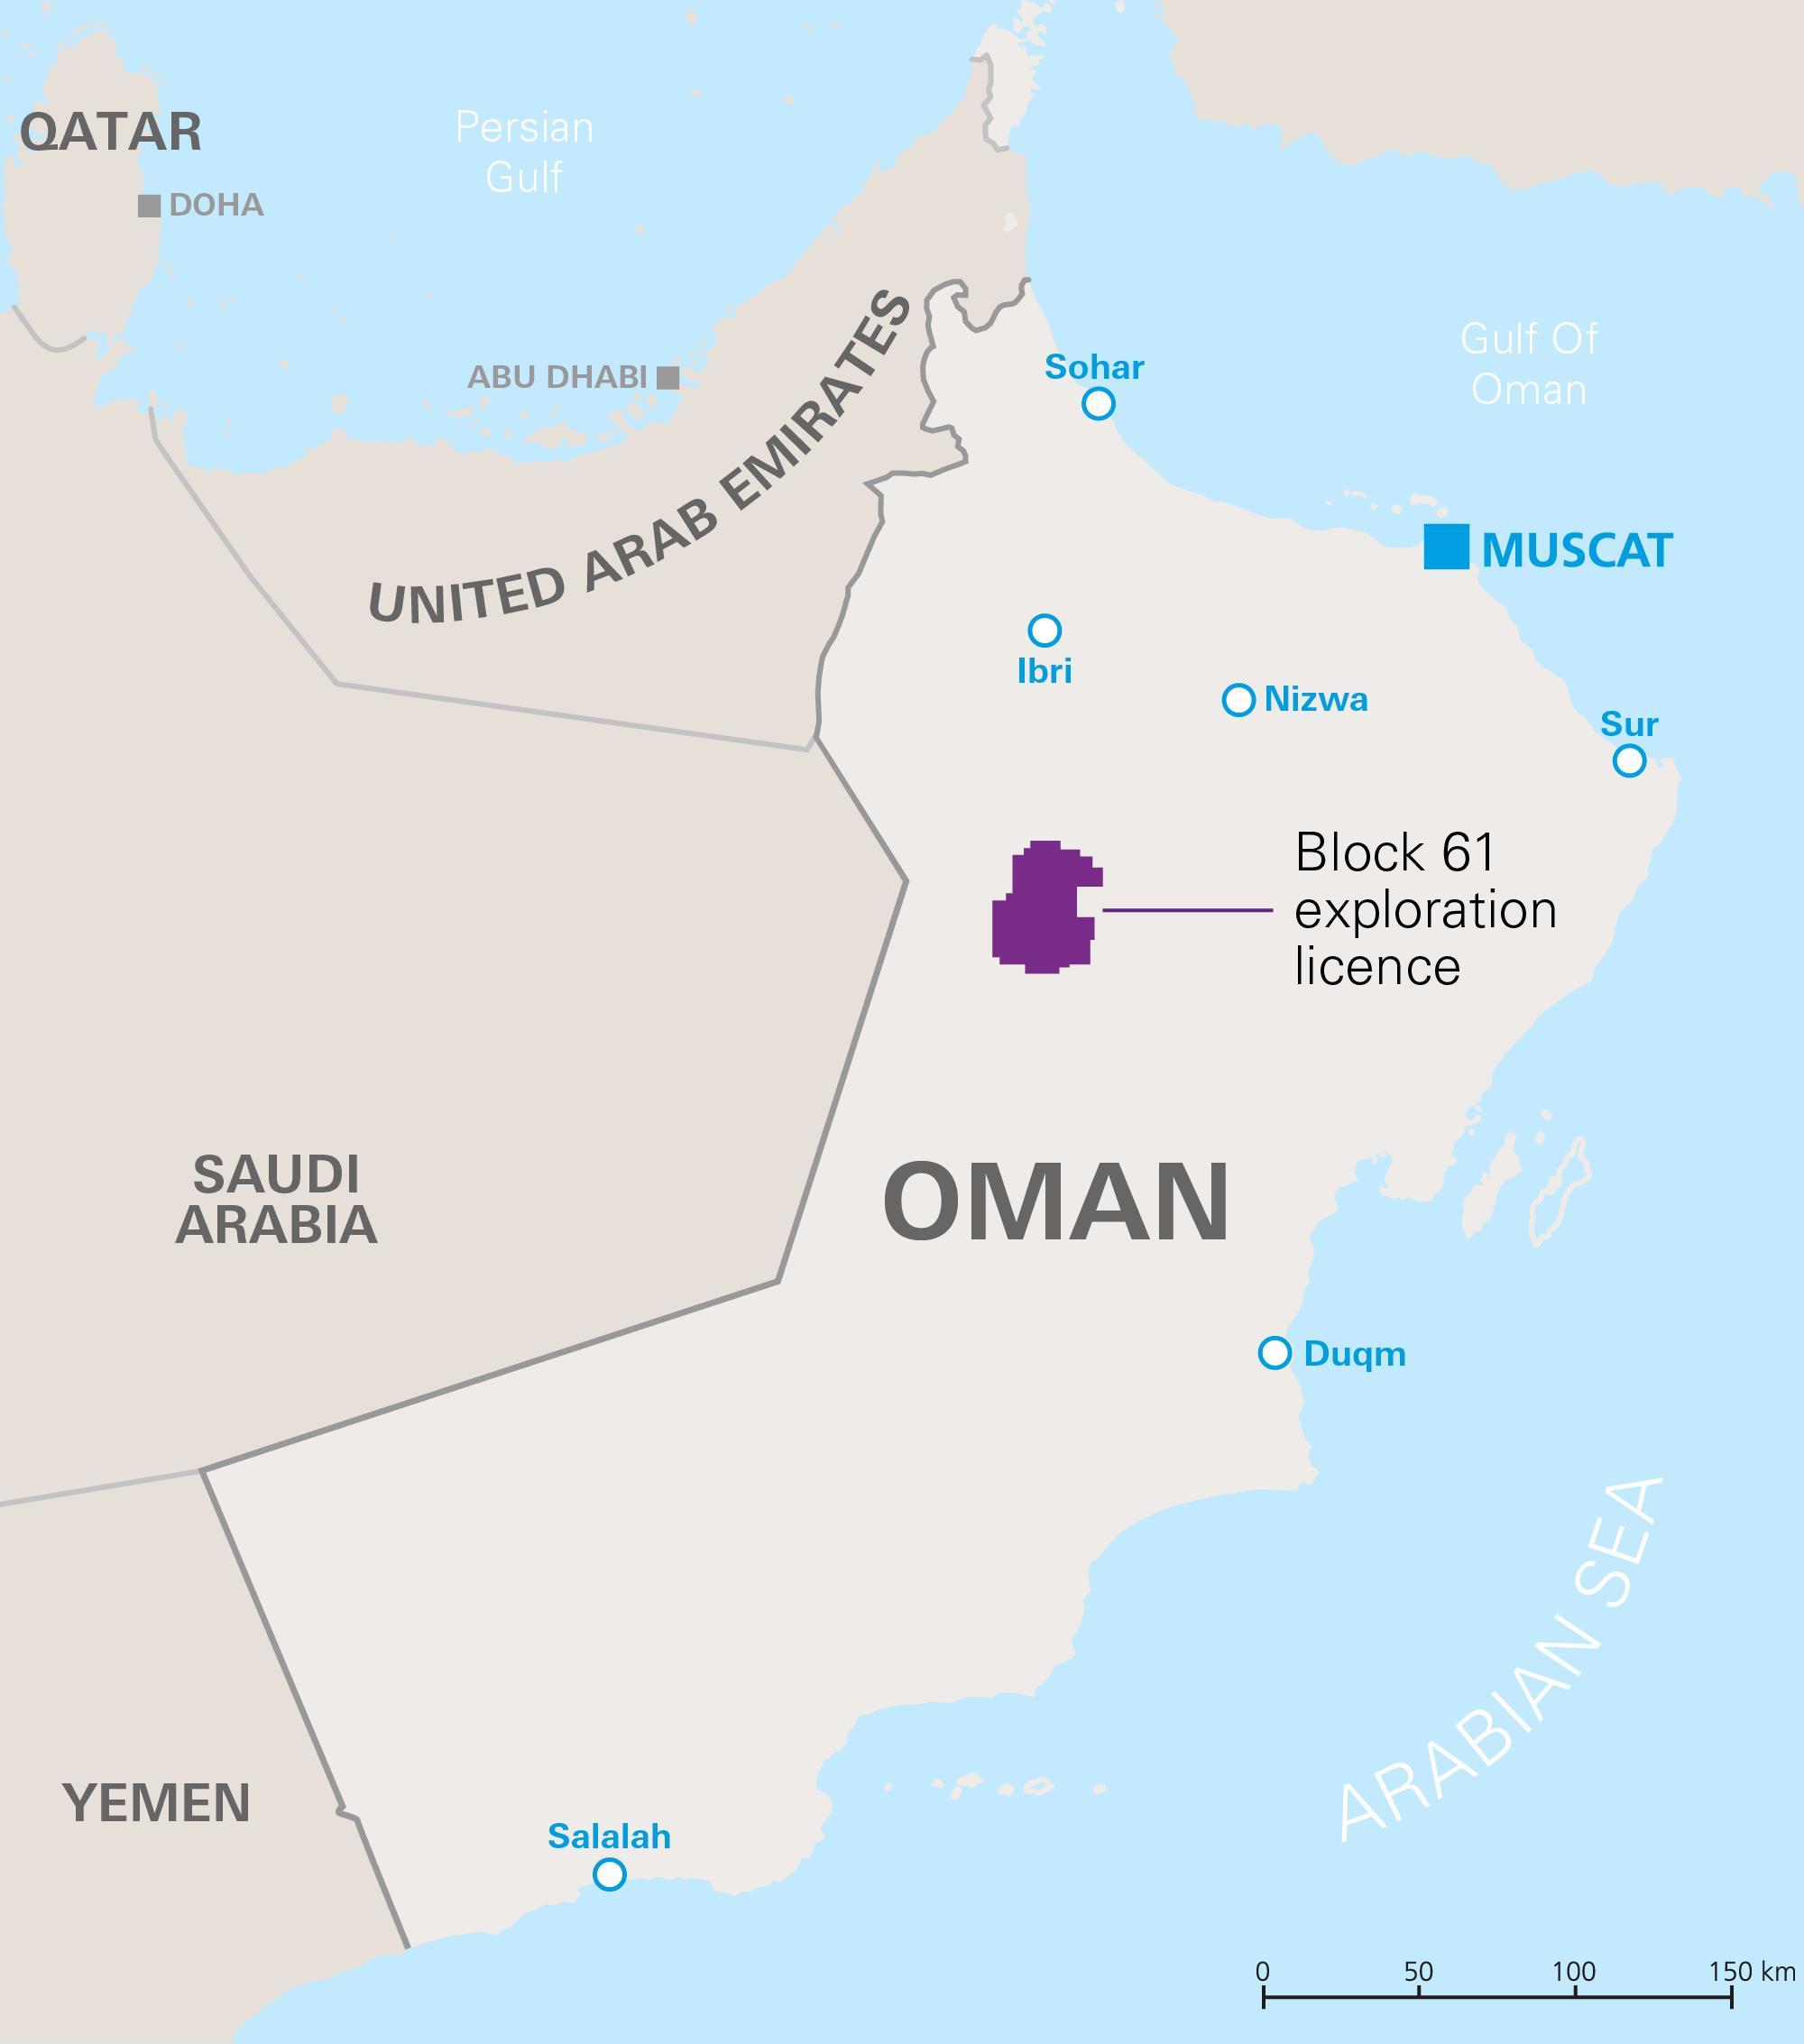 Karte Oman.Khazzan Oman Karte Karte Der Khazzan Oman West Asien Asia